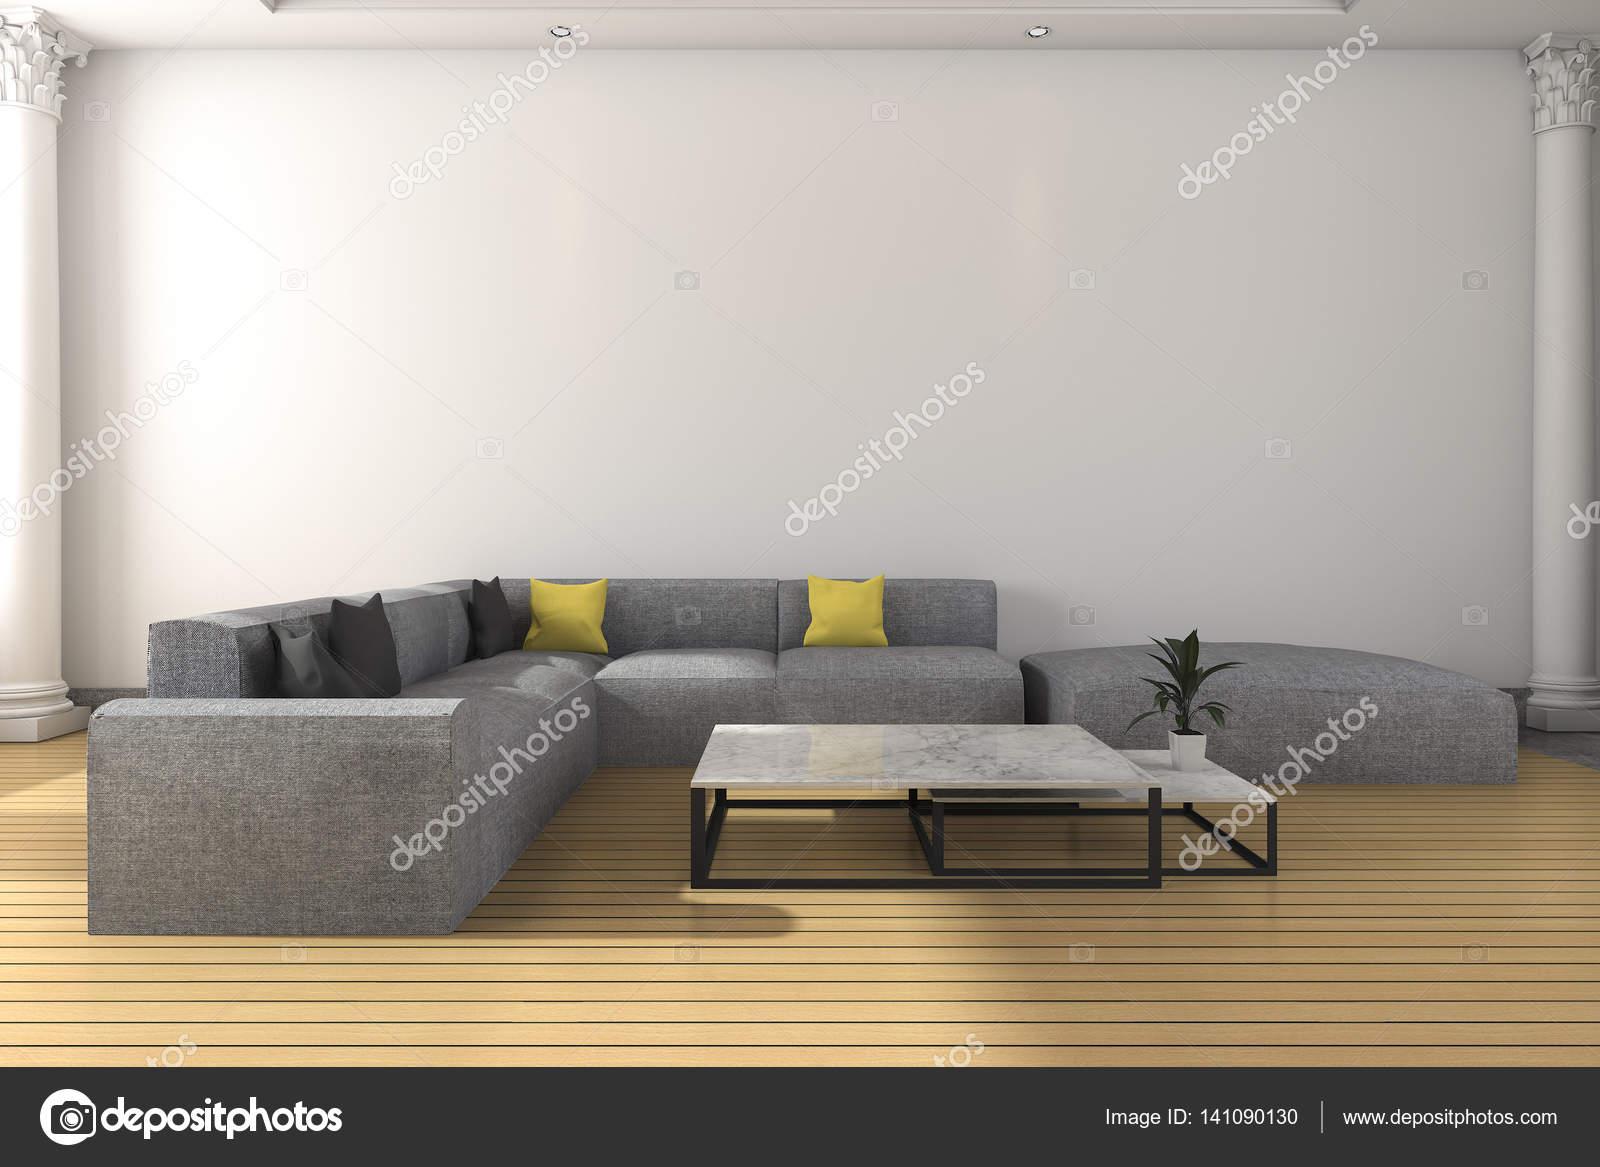 https://st3.depositphotos.com/11352286/14109/i/1600/depositphotos_141090130-stockafbeelding-de-reeks-van-de-3d.jpg